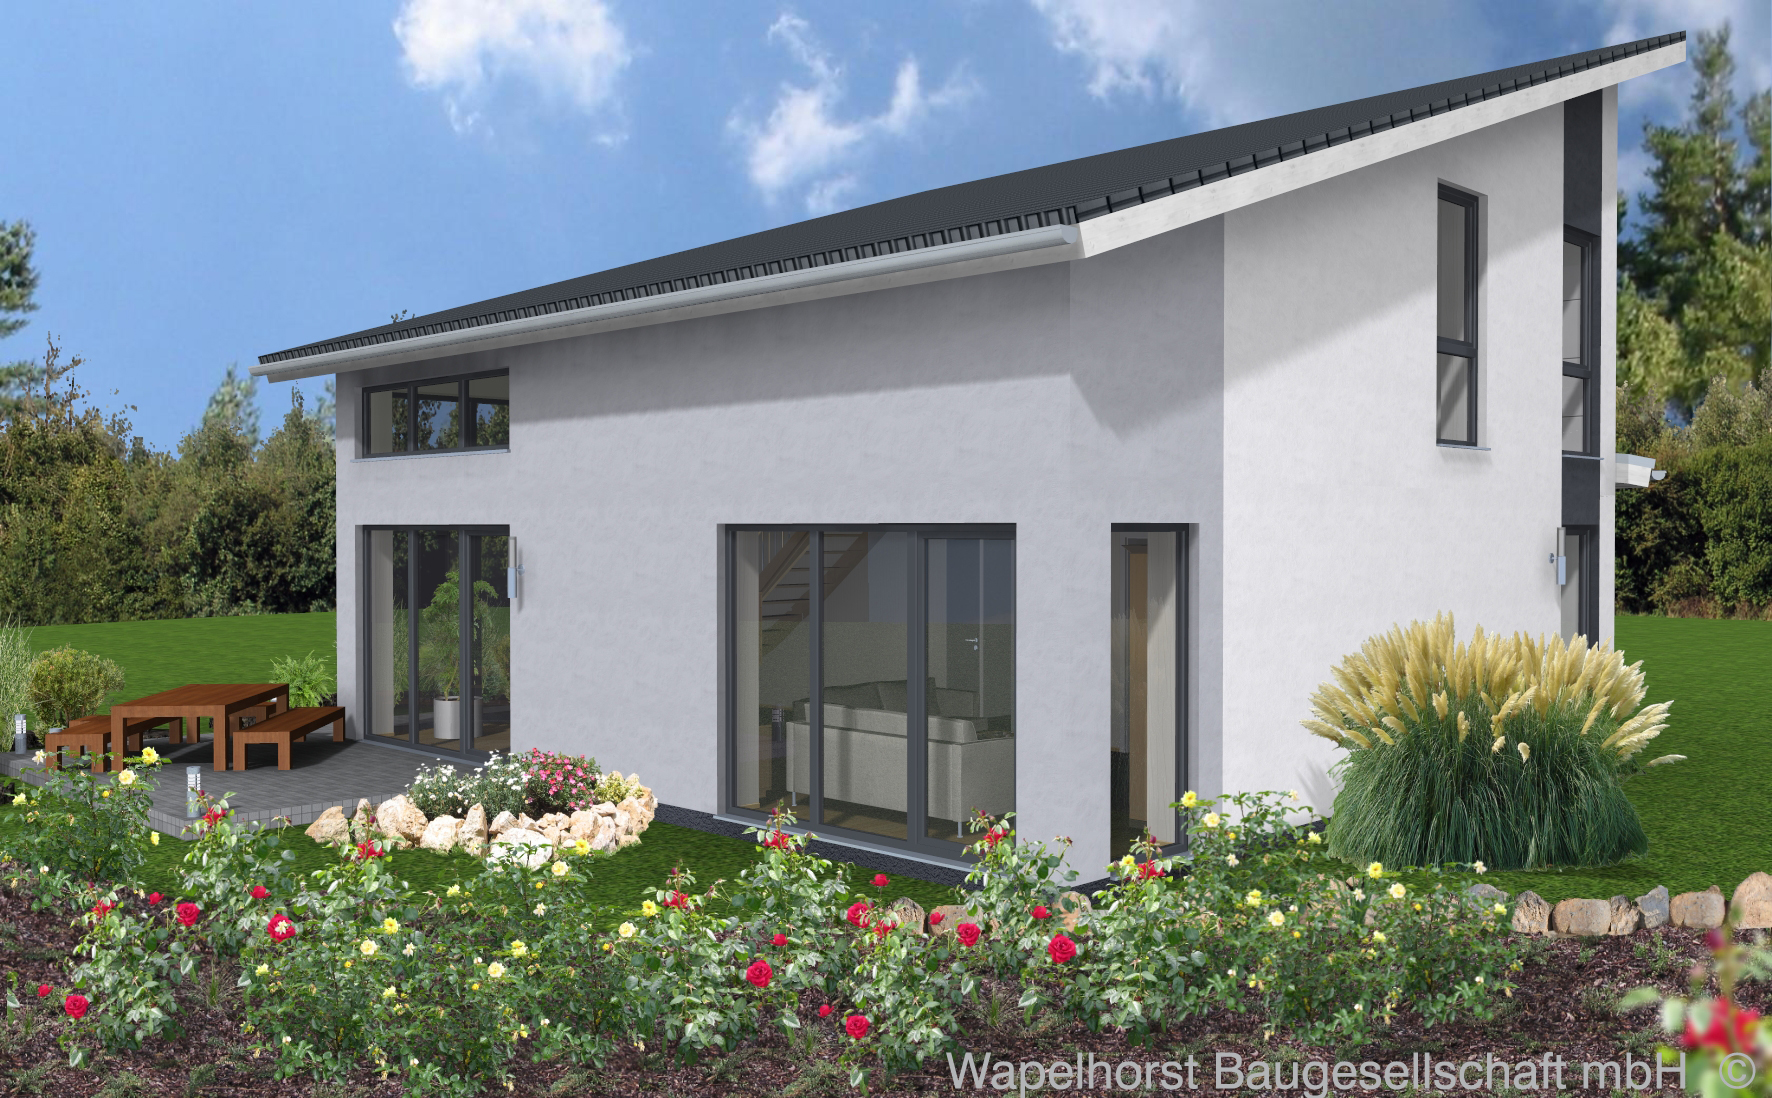 einfamilienhaus 1 020 wapelhorst planen und bauen. Black Bedroom Furniture Sets. Home Design Ideas